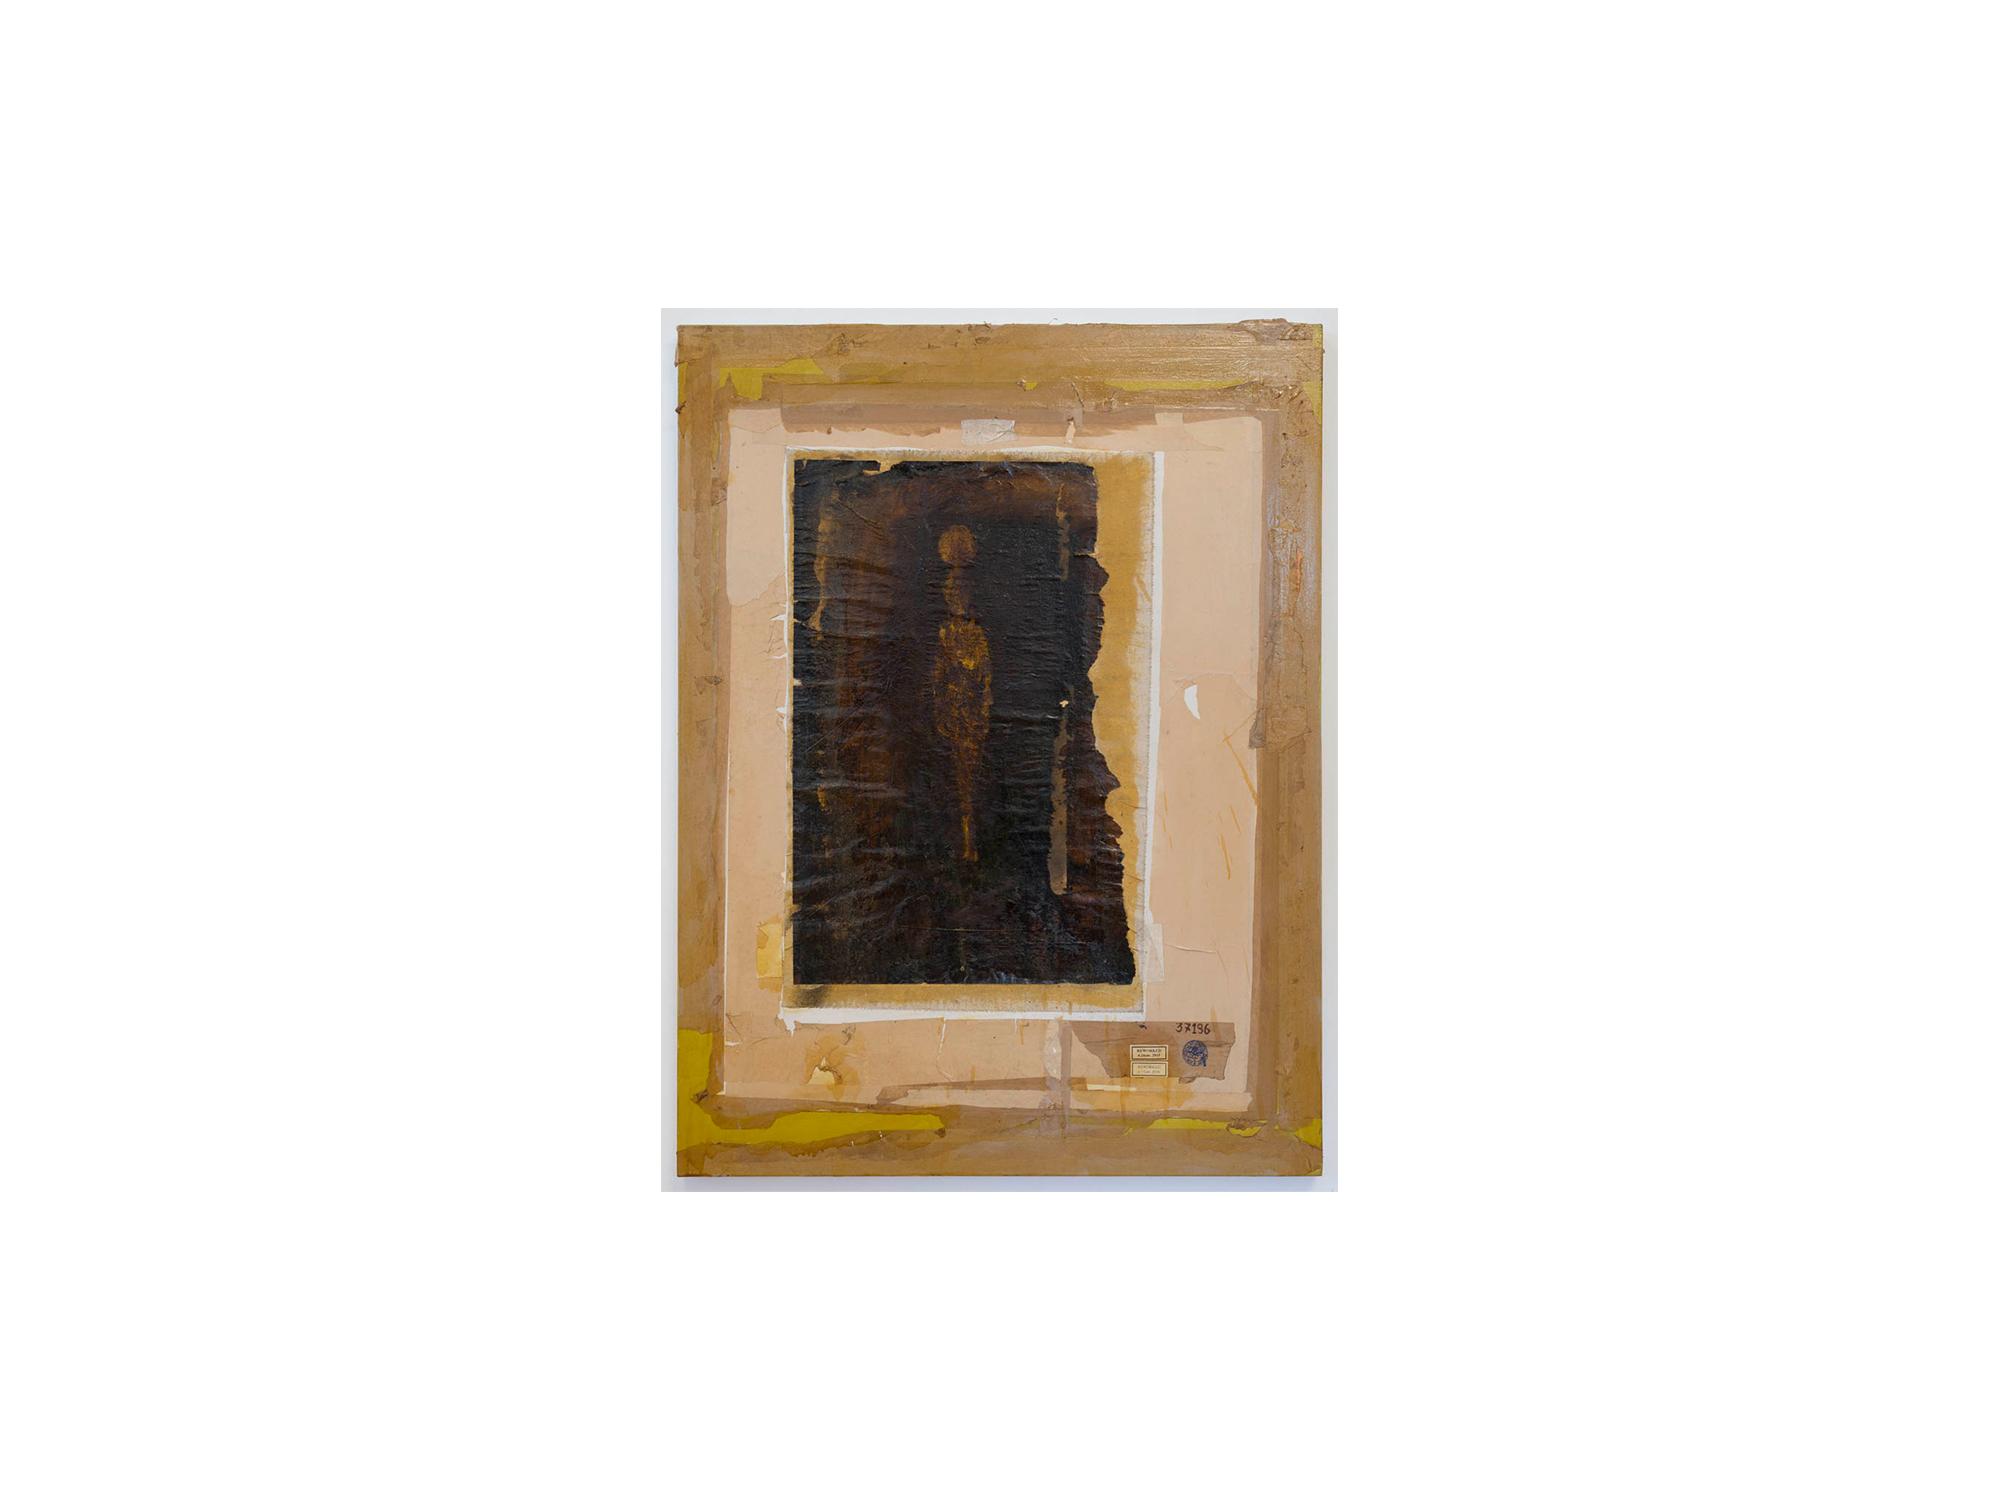 Bernhard Sachs   Apostasis (Oratario Faust) , 2016 mixed media on paper on cotton 122 x 91cm   ARTIST BIO